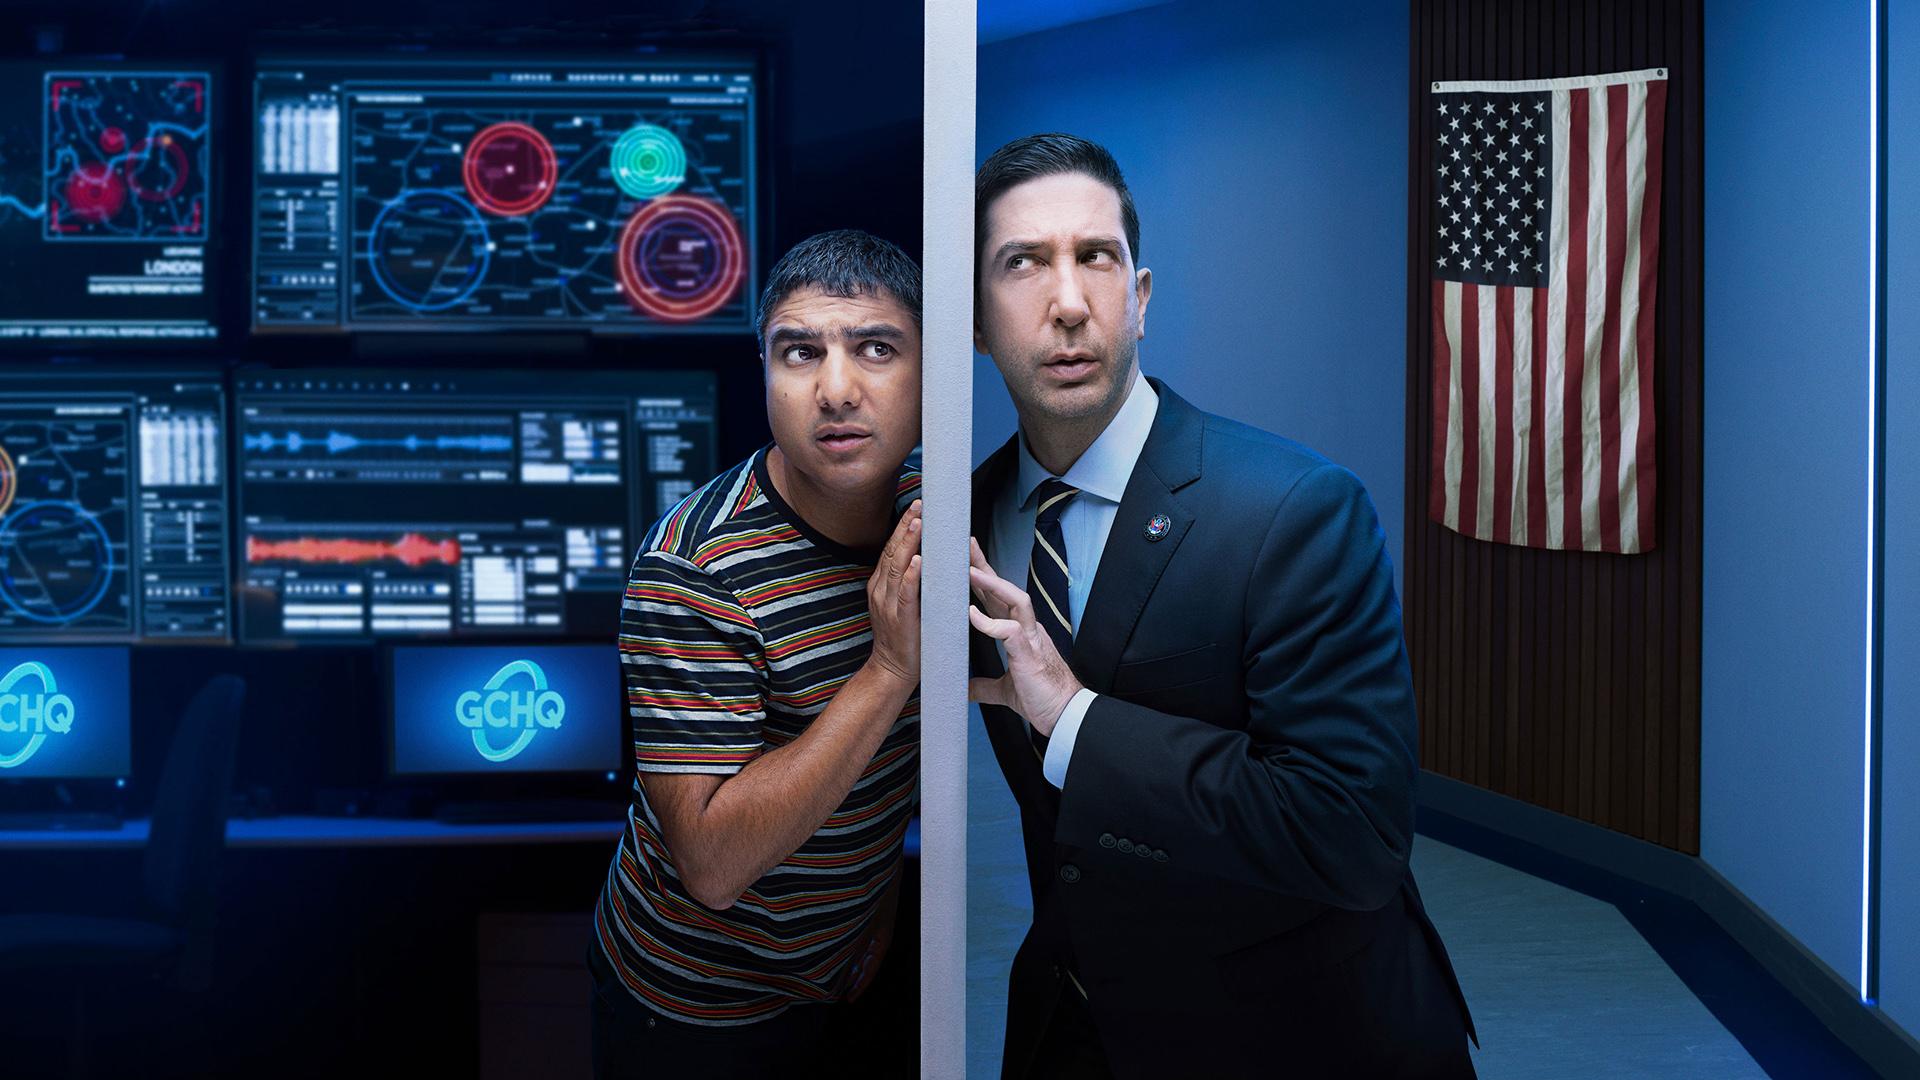 Misdaadserie Intelligence krijgt tweede seizoen bij Sky1